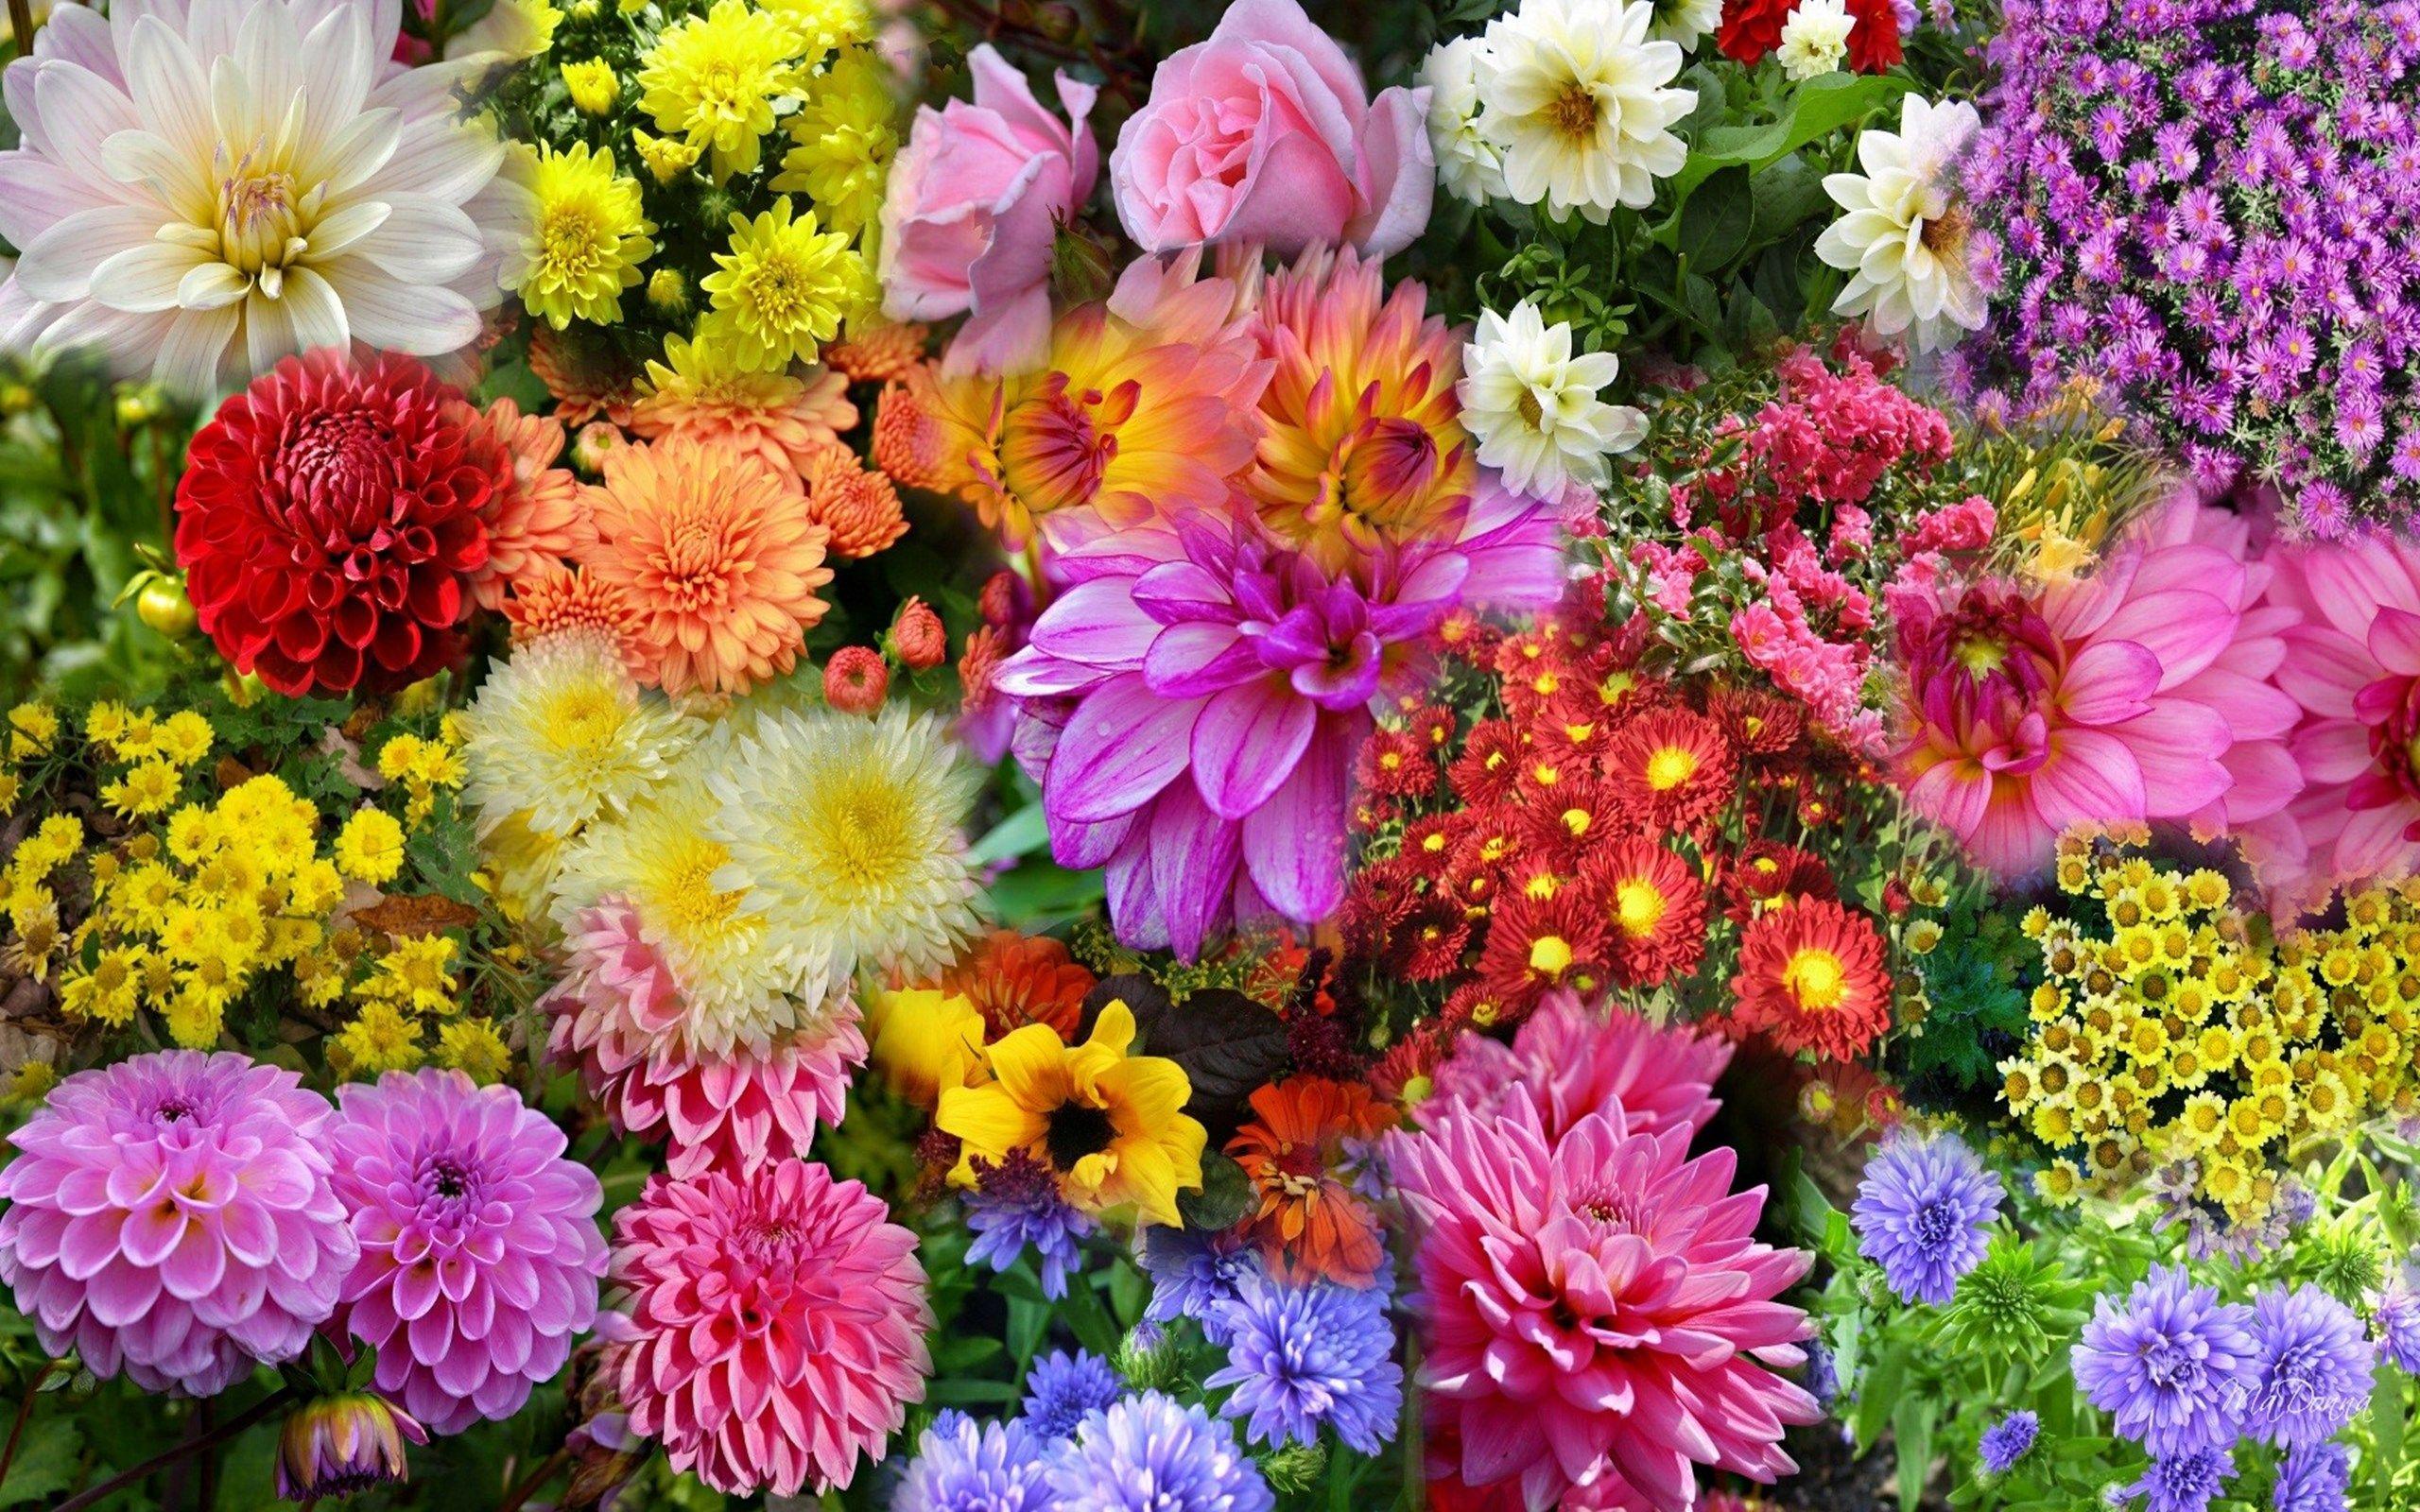 hd wallpaper flower, 2560x1600 (1132 kb) | ololoshenka | pinterest